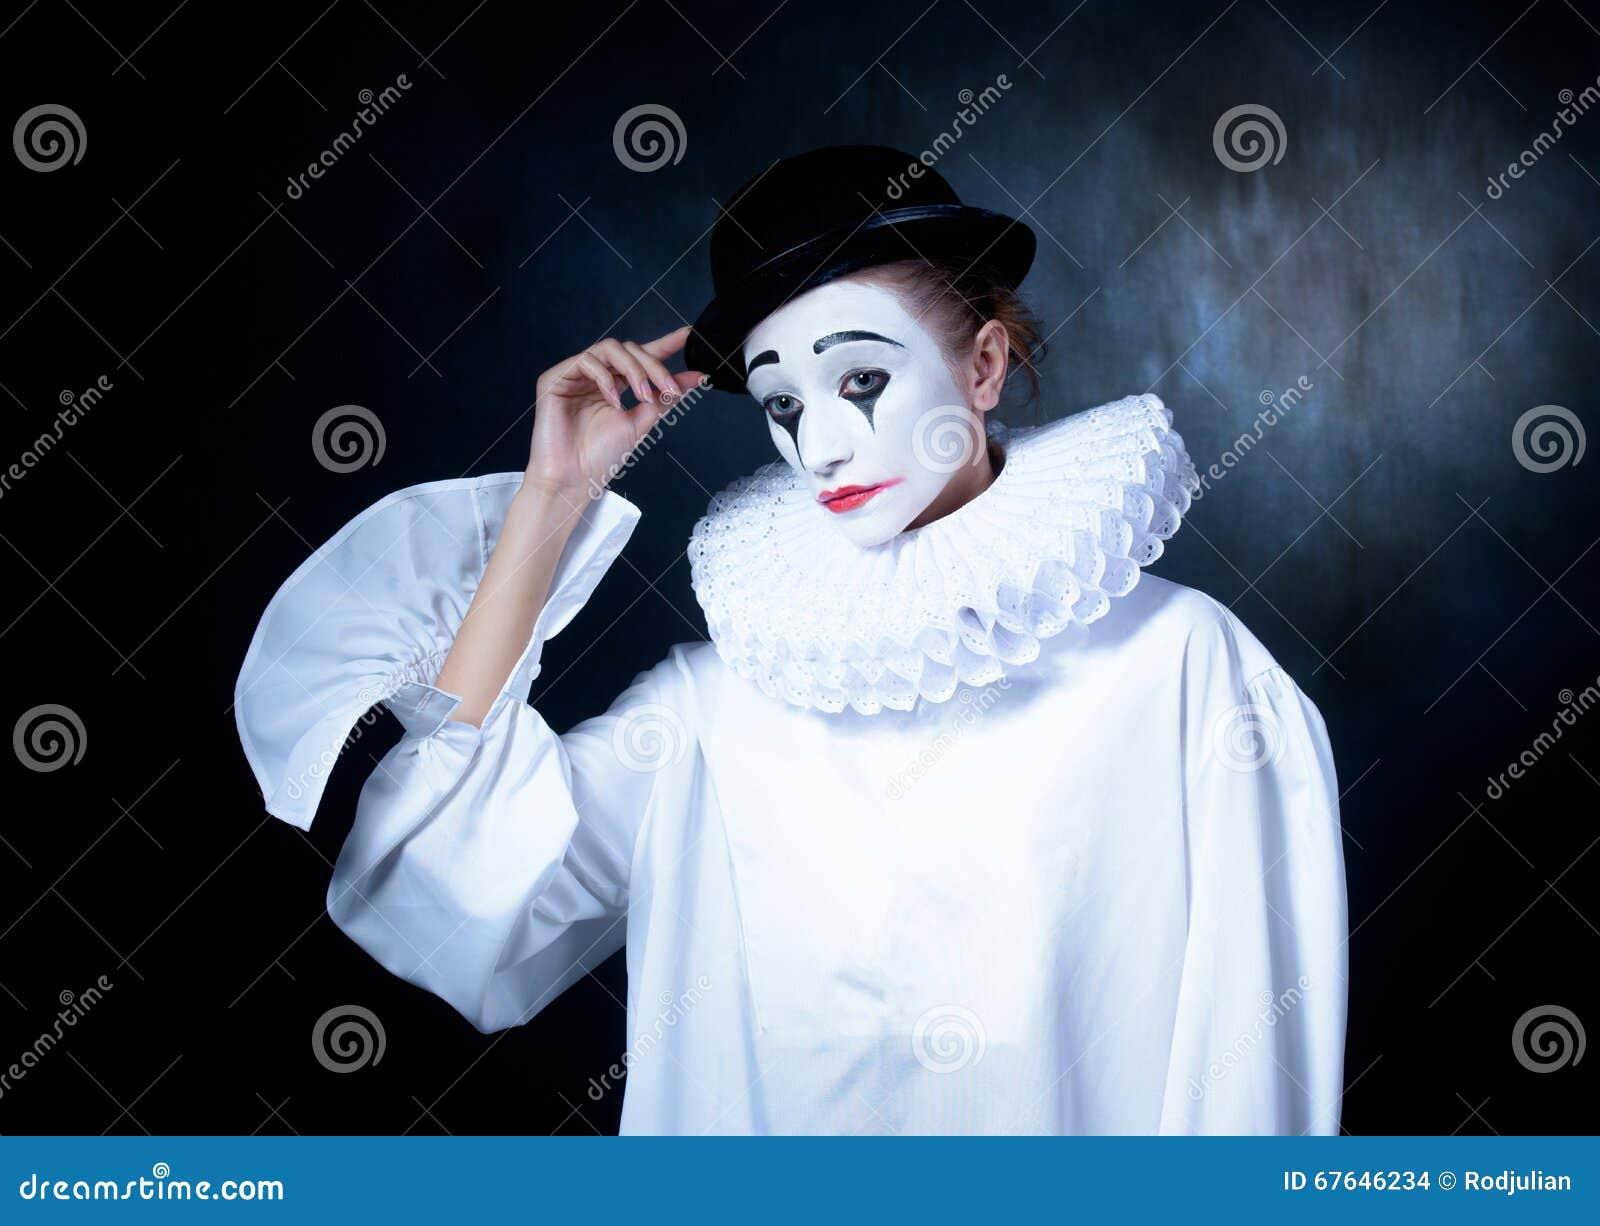 How To Do Pierrot Clown Makeup Makeup Vidalondon